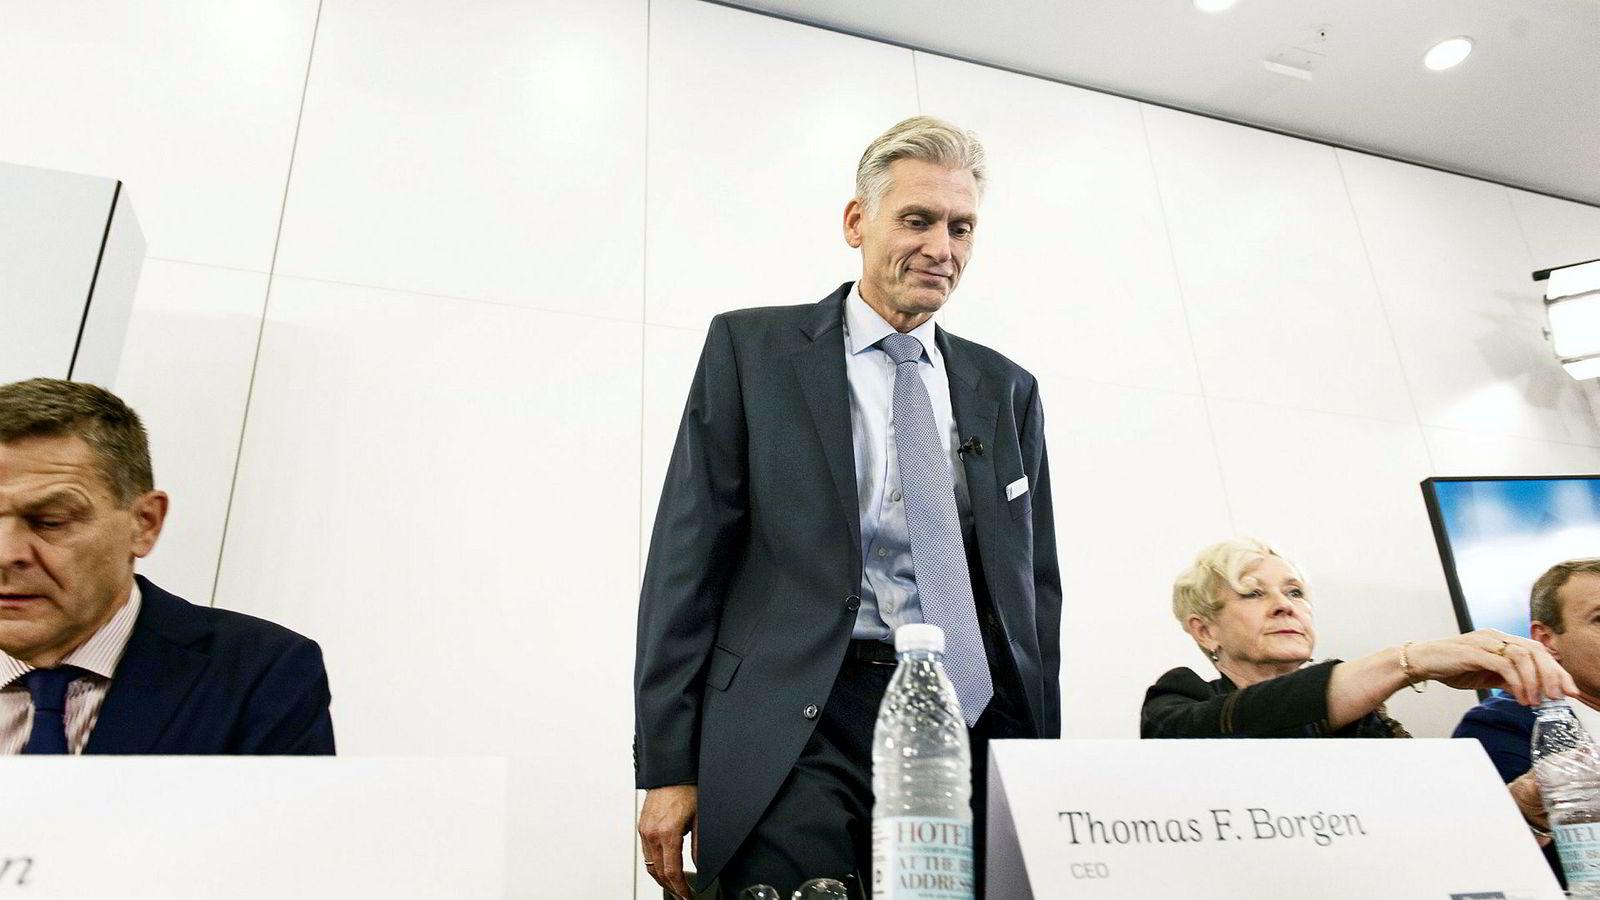 Thomas Borgen er ferdig som sjef i Danske Bank etter at han måtte slutte på dagen mandag. Han skulle egentlig sitte frem til en varig arvtager var på plass.